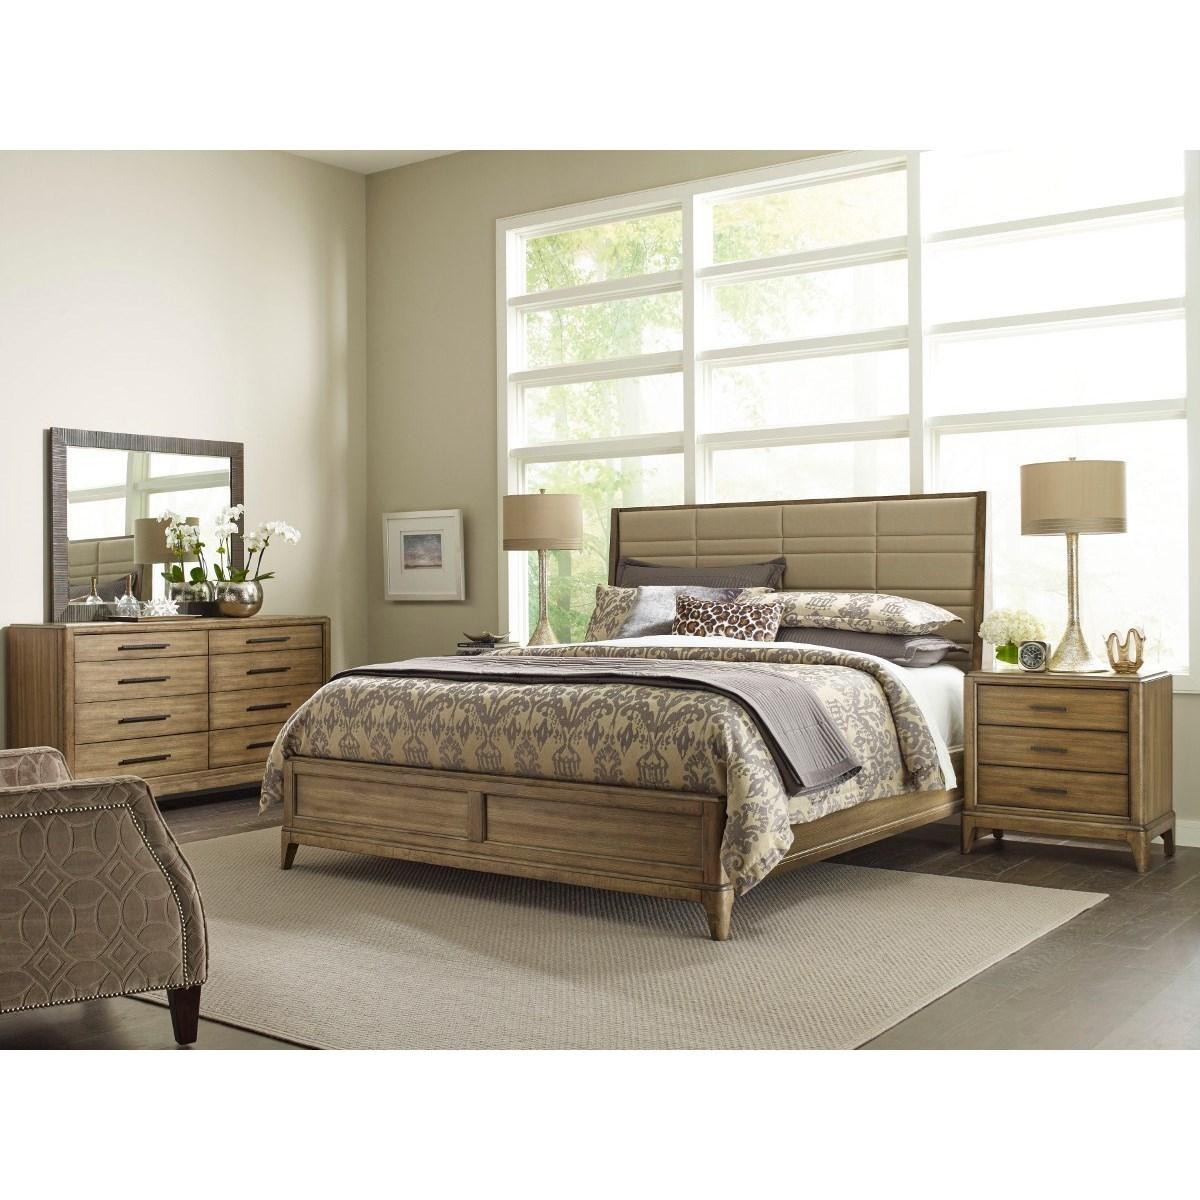 American Drew EVOKE  Queen Bedroom Group - Item Number: 509 Q Bedroom Group 2